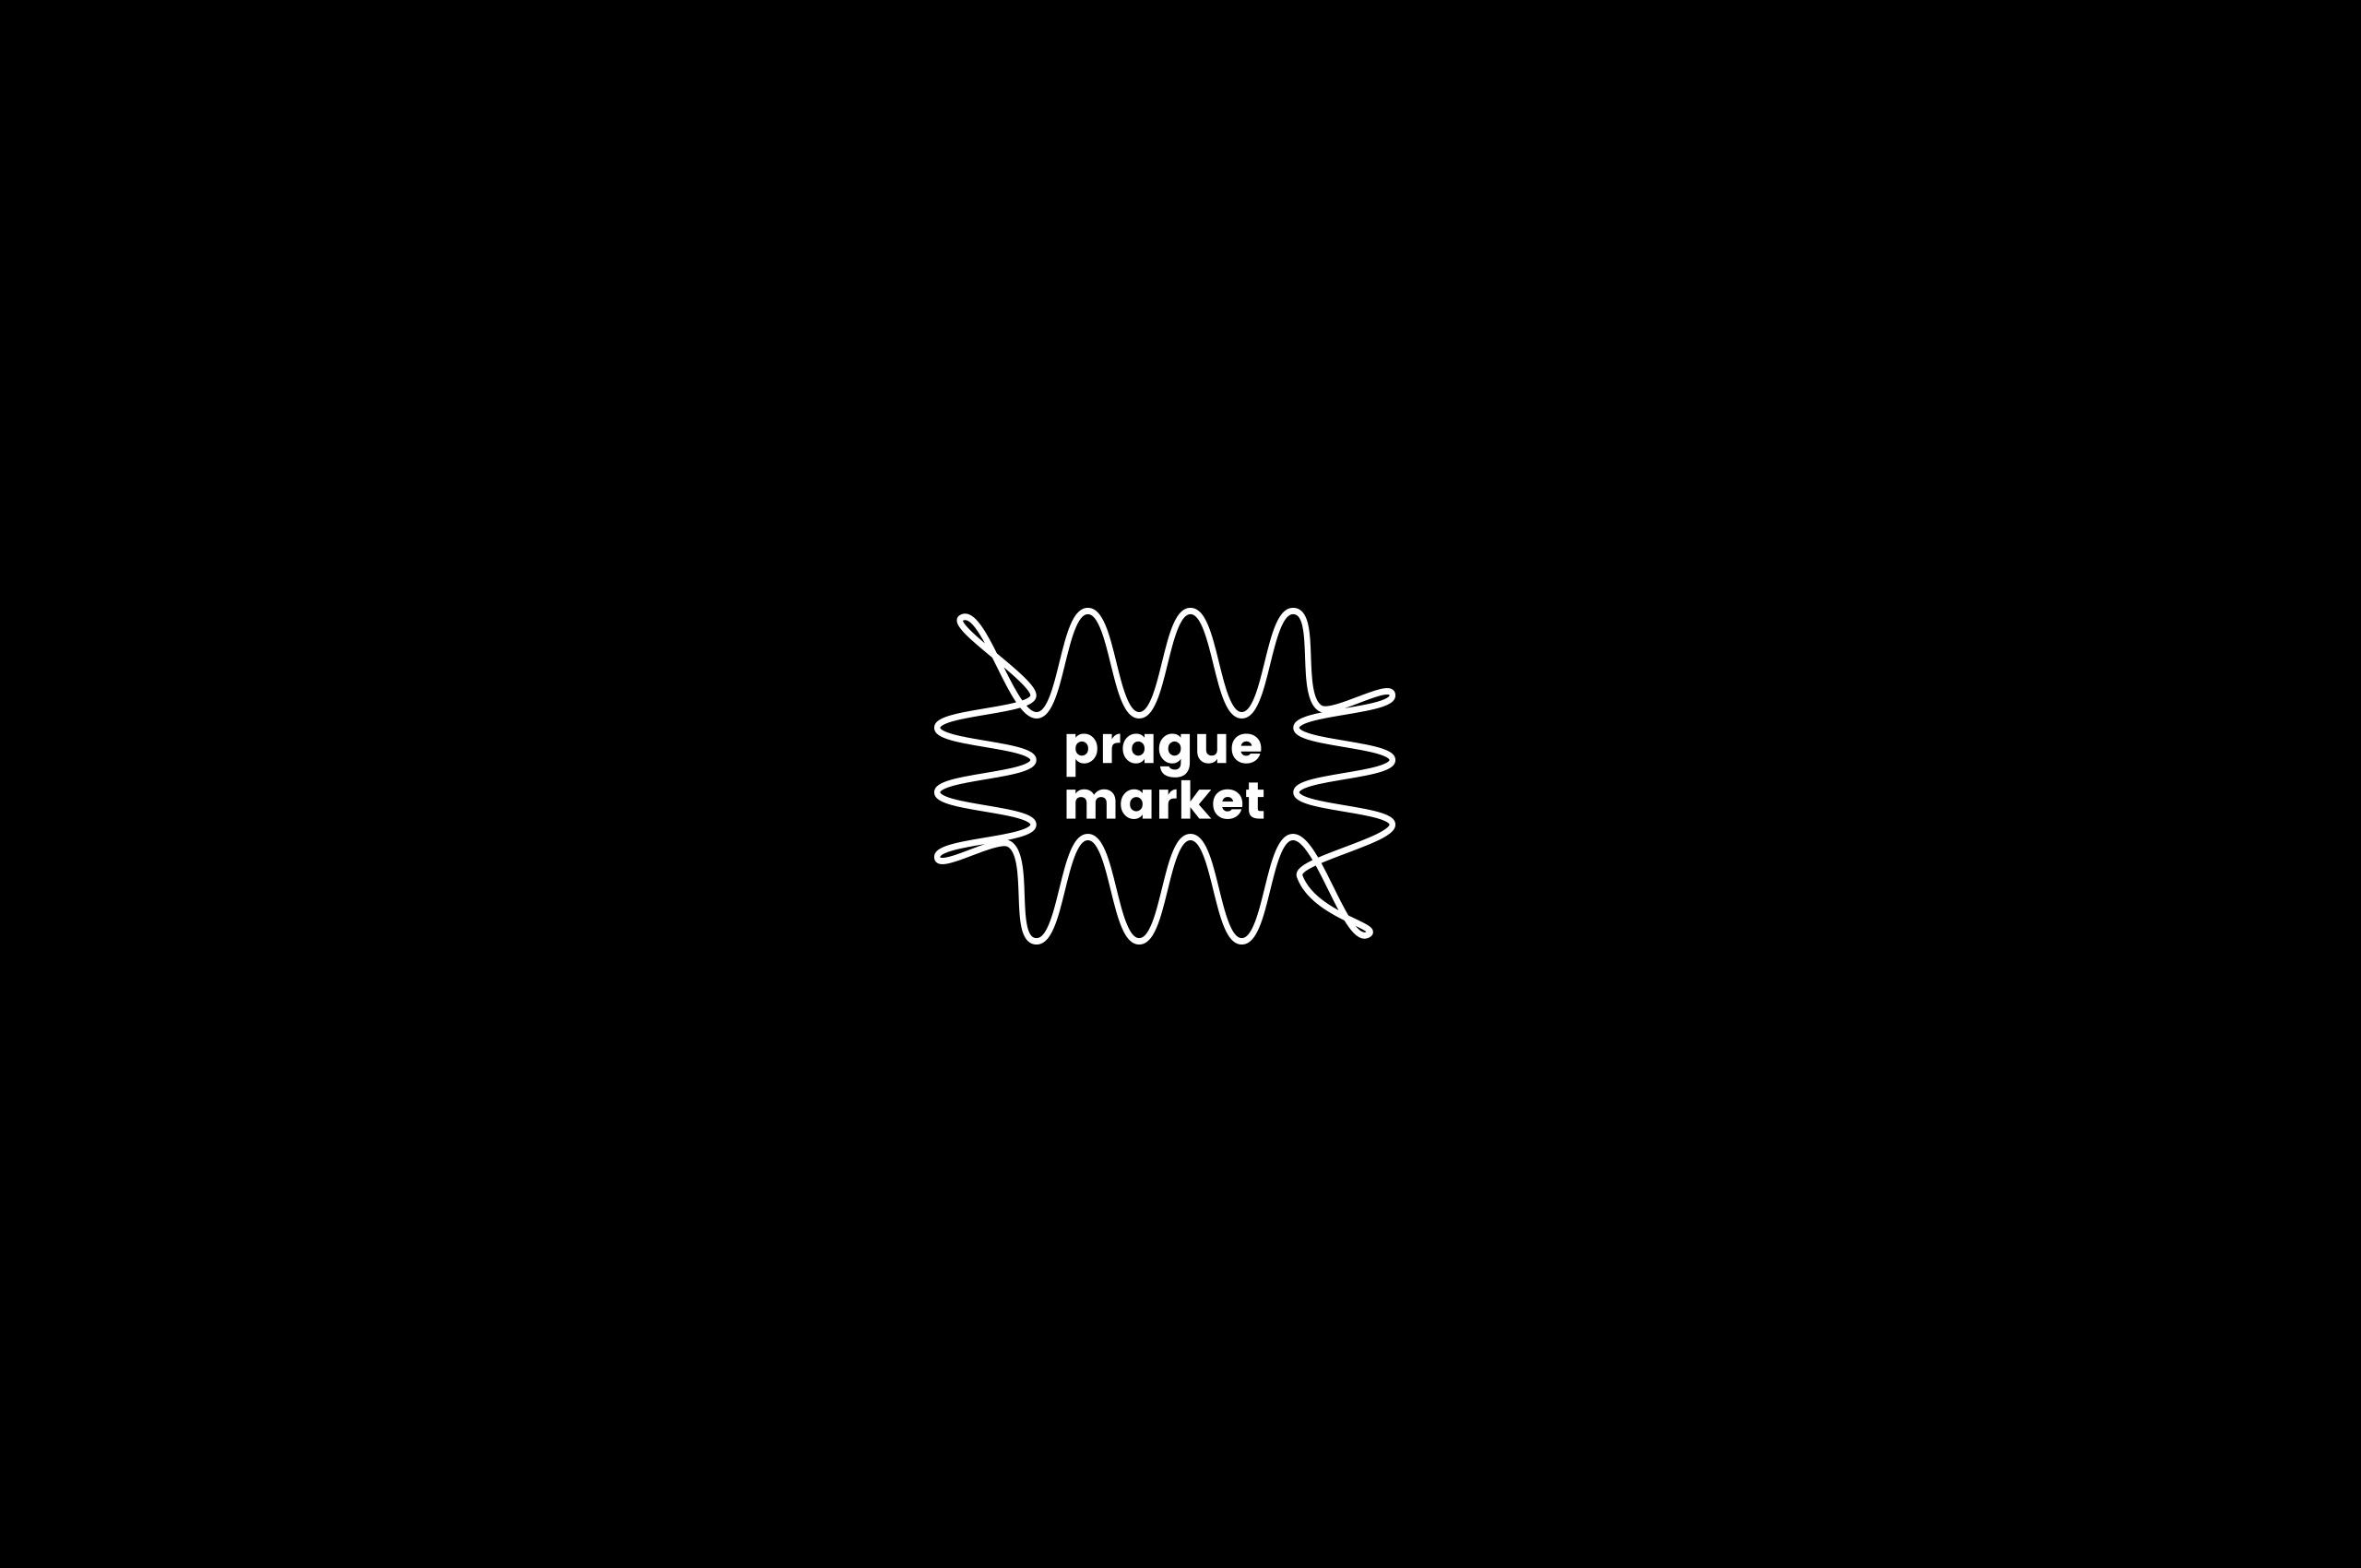 logocollection-2021-14